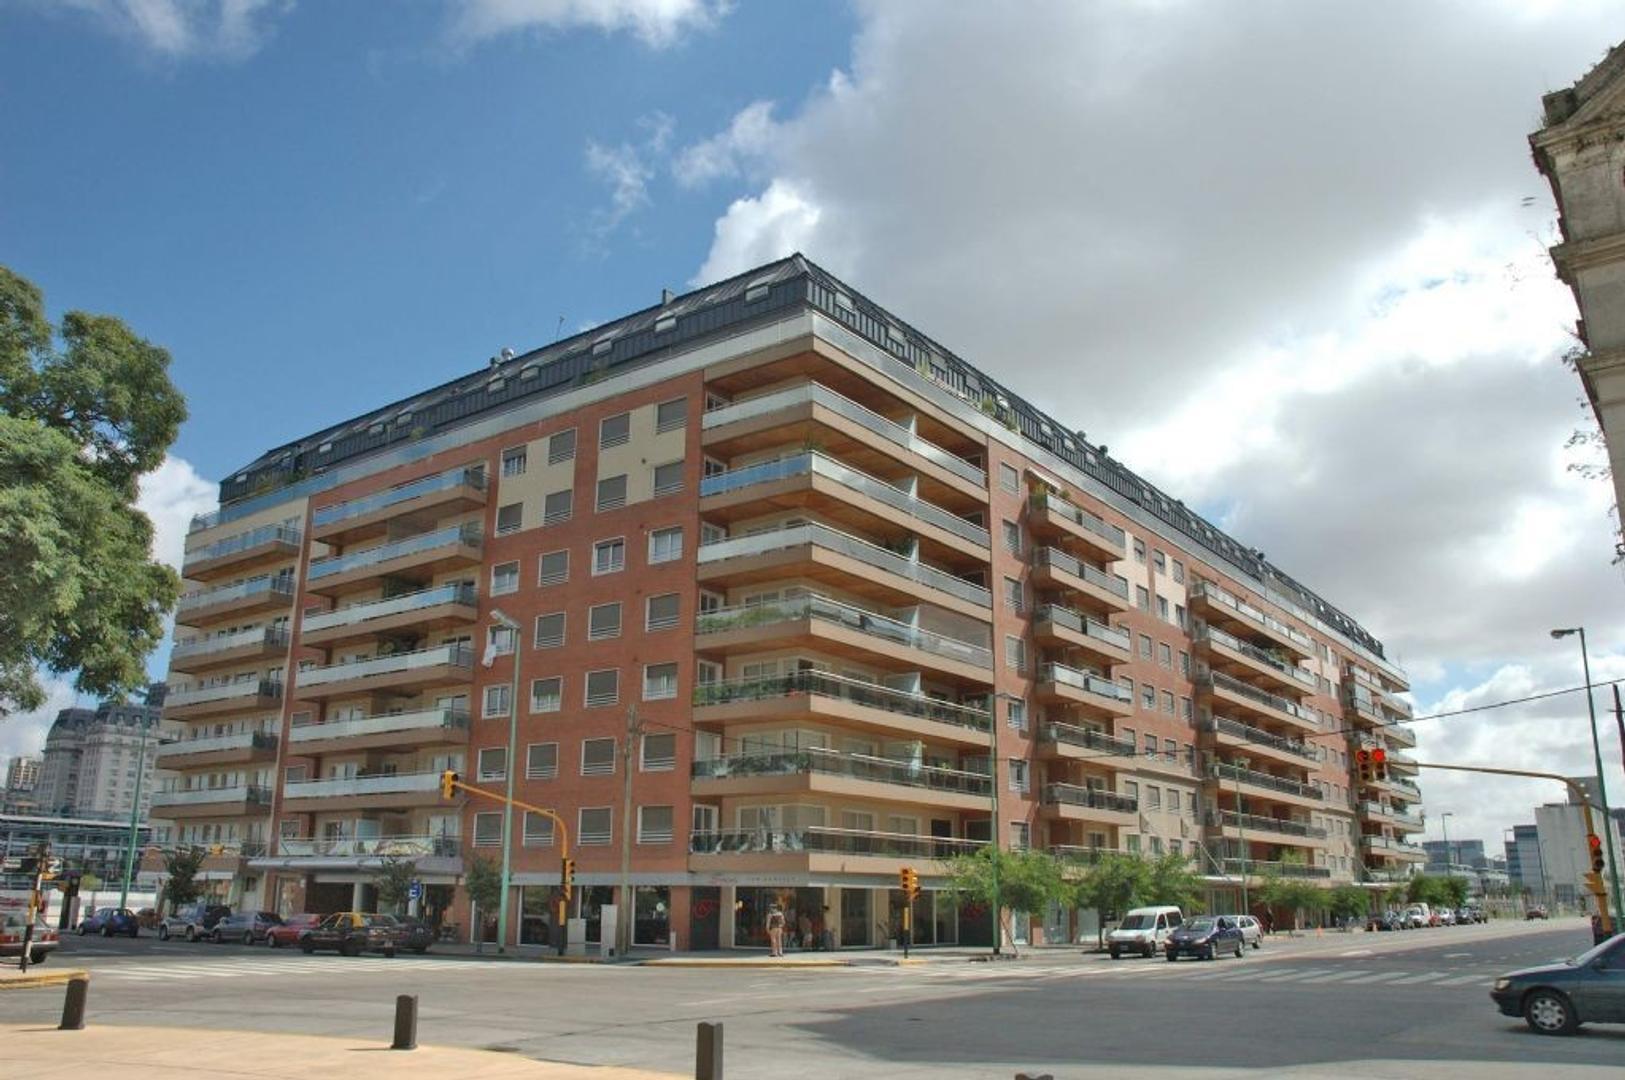 Departamento  en Venta ubicado en Puerto Madero, Capital Federal - MAD0988_LP116735_1